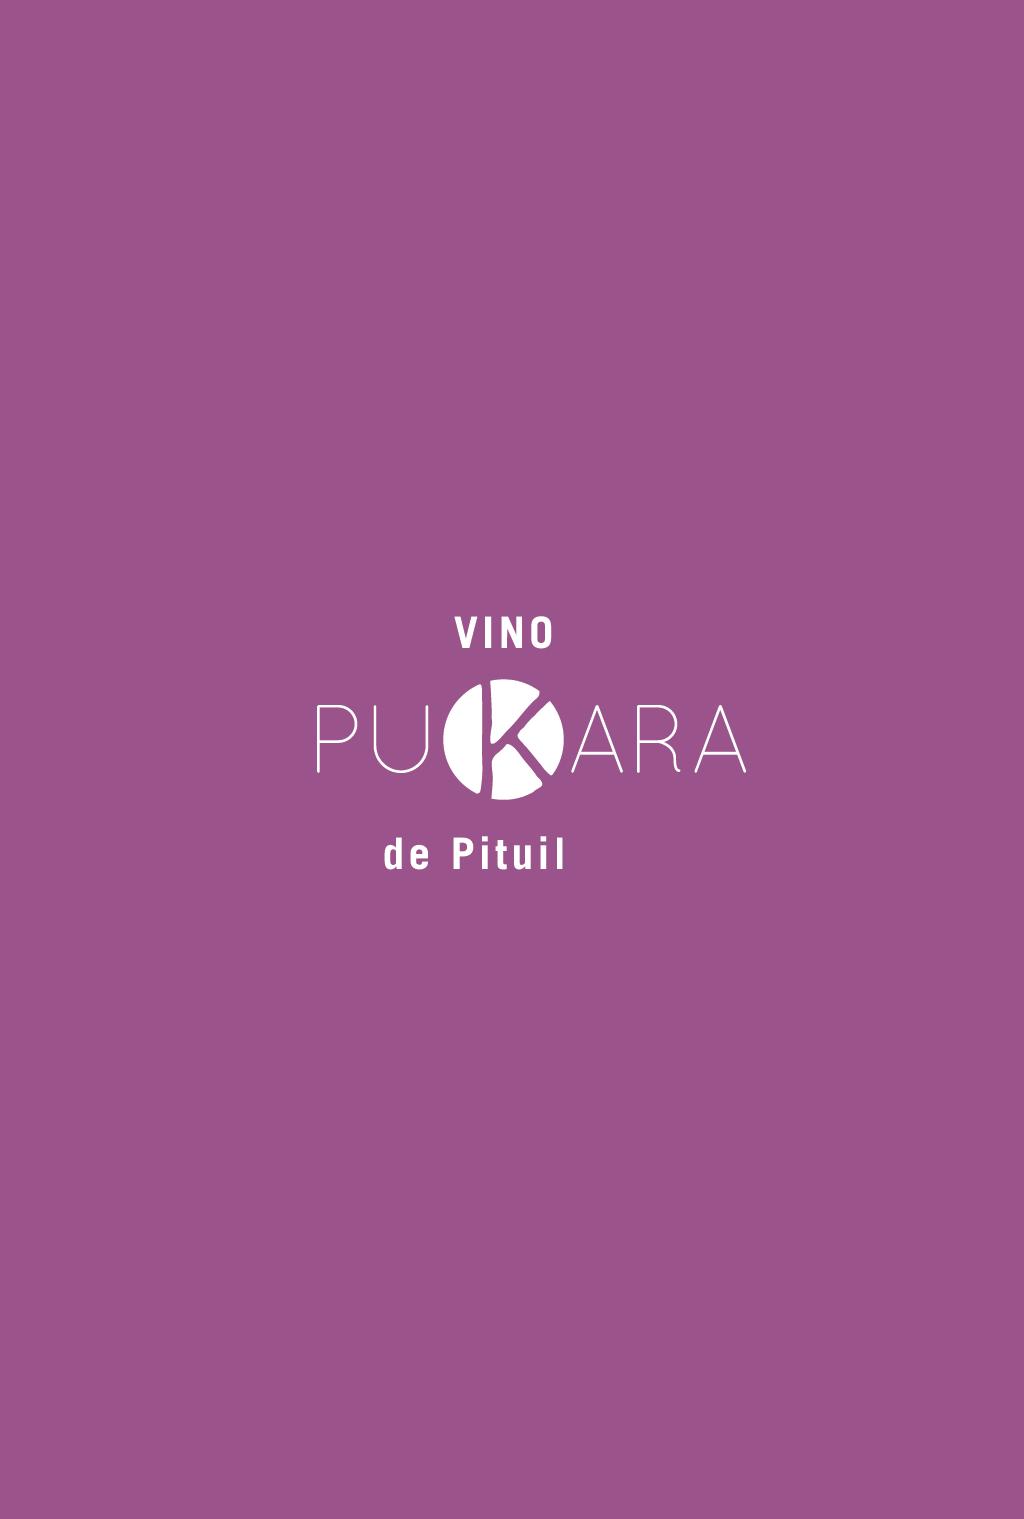 logo-negativo-color PUKARA